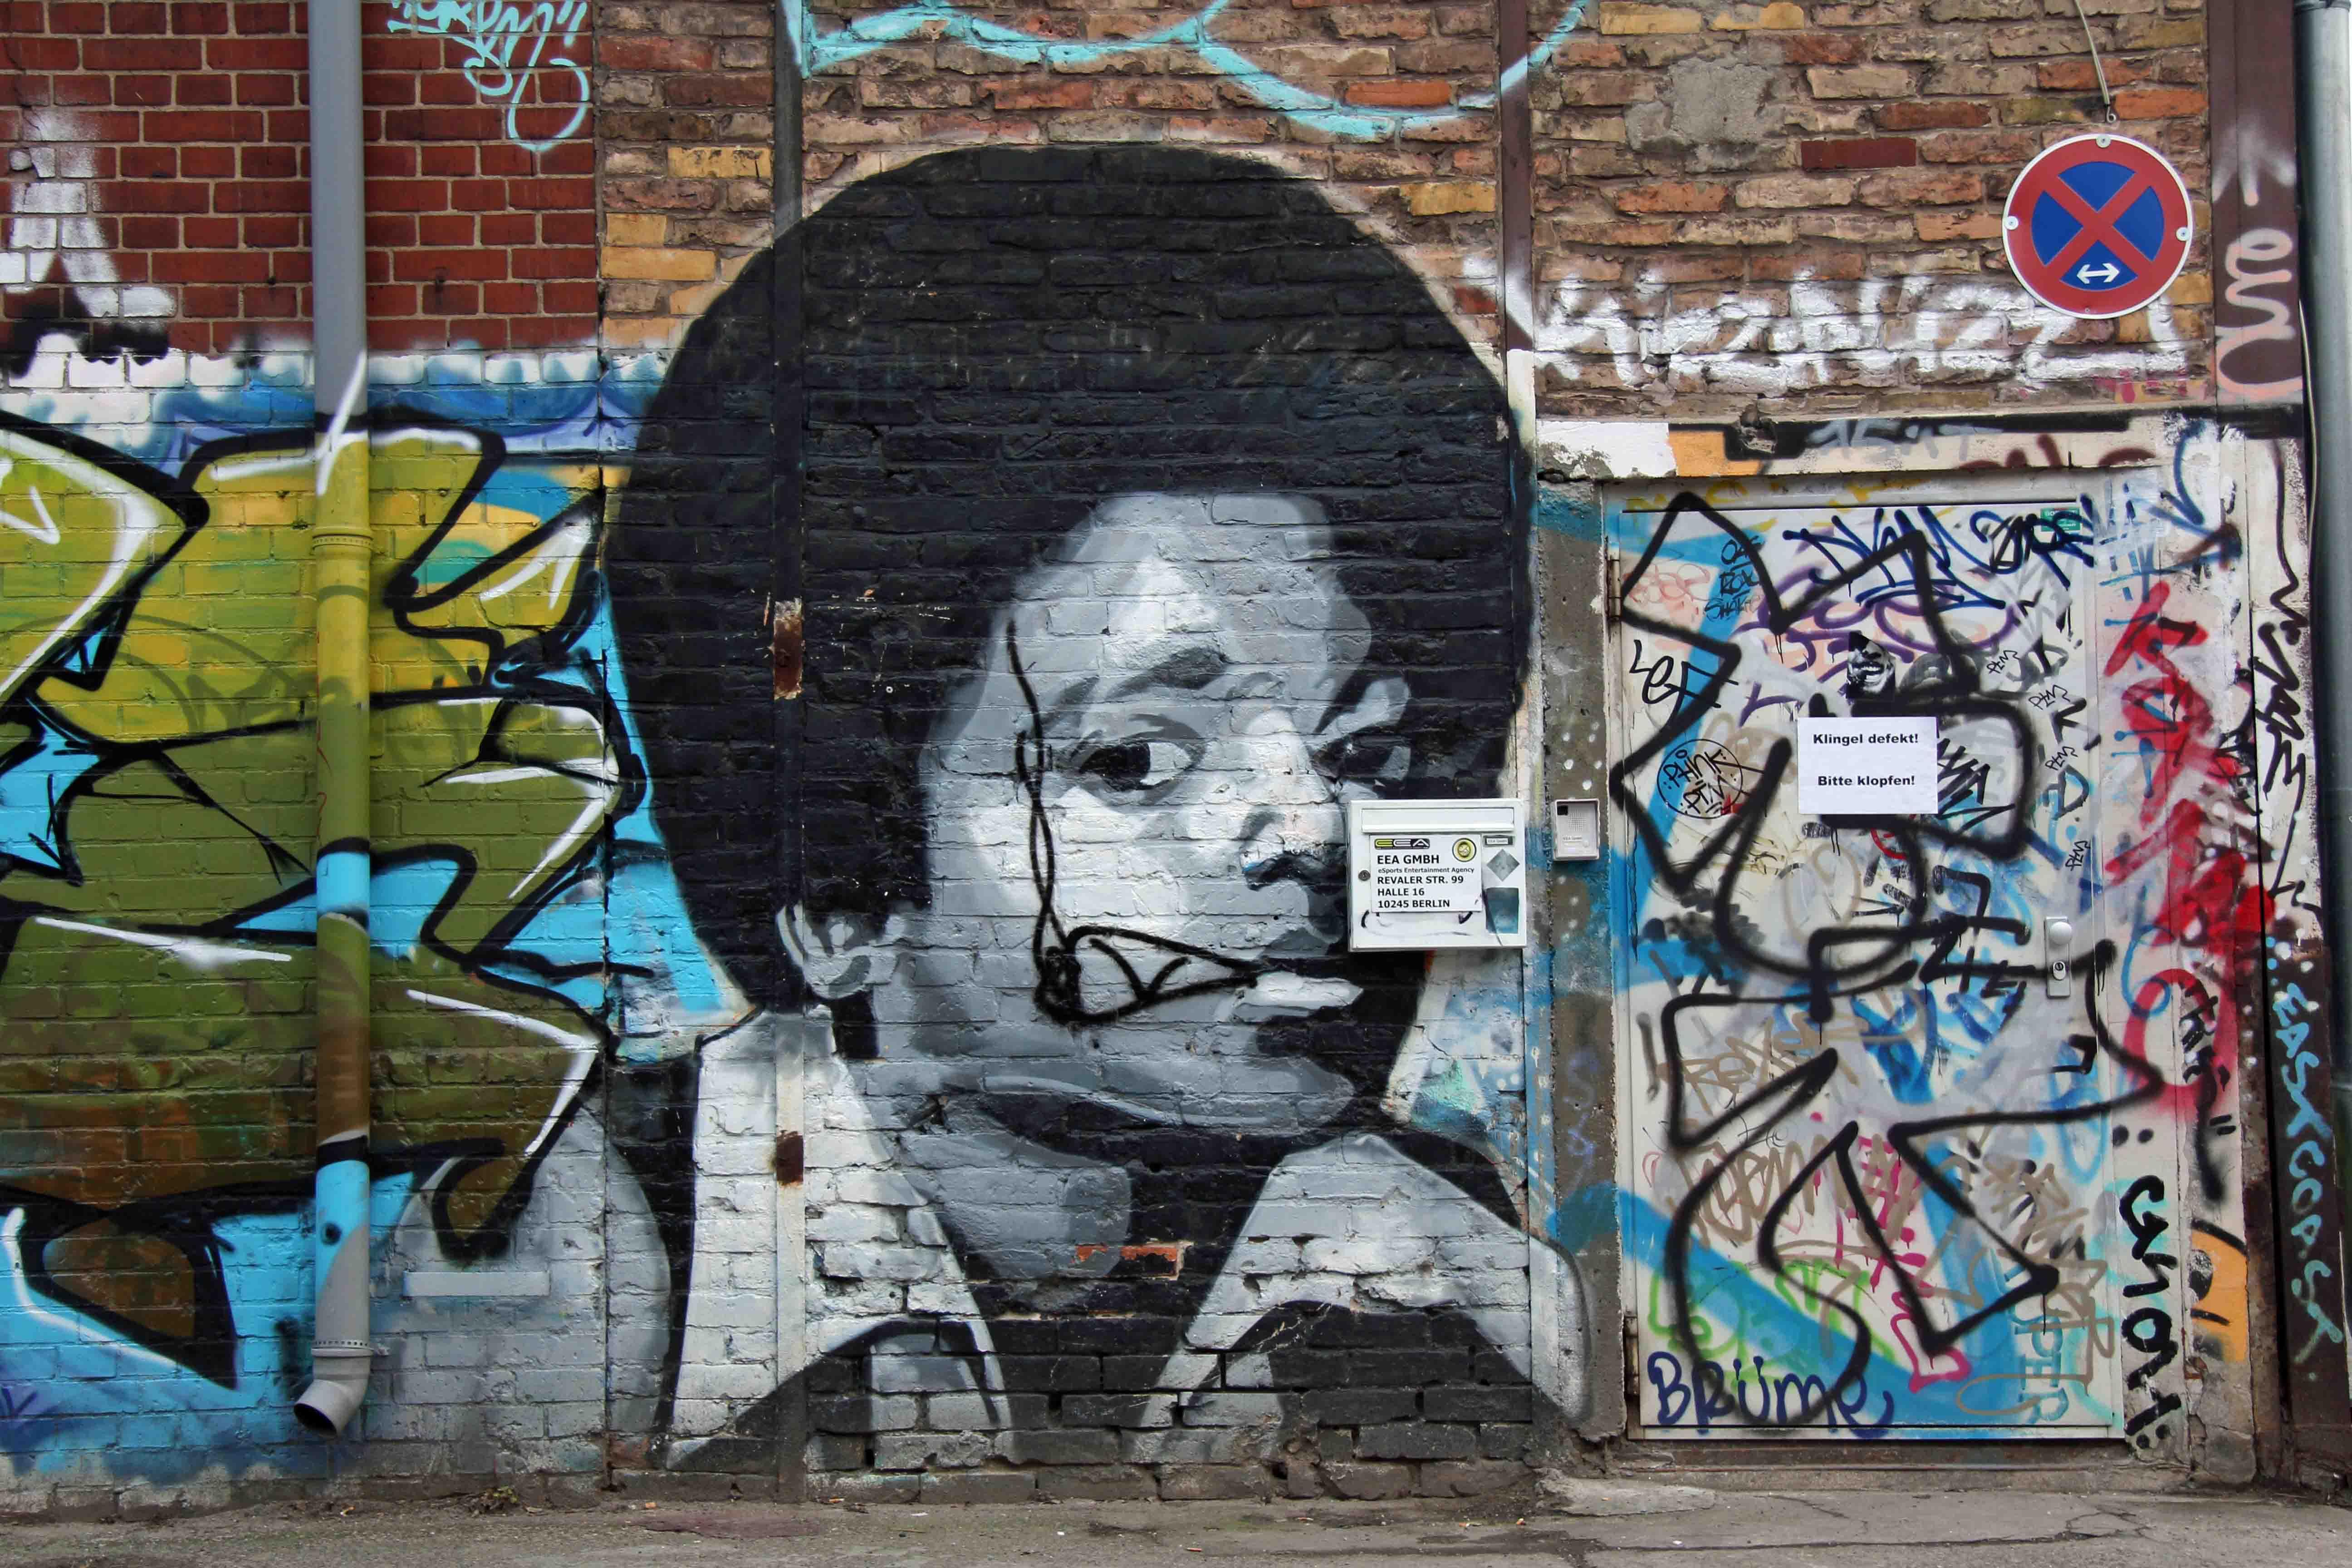 Michael Jackson - Street Art by MTO in Berlin